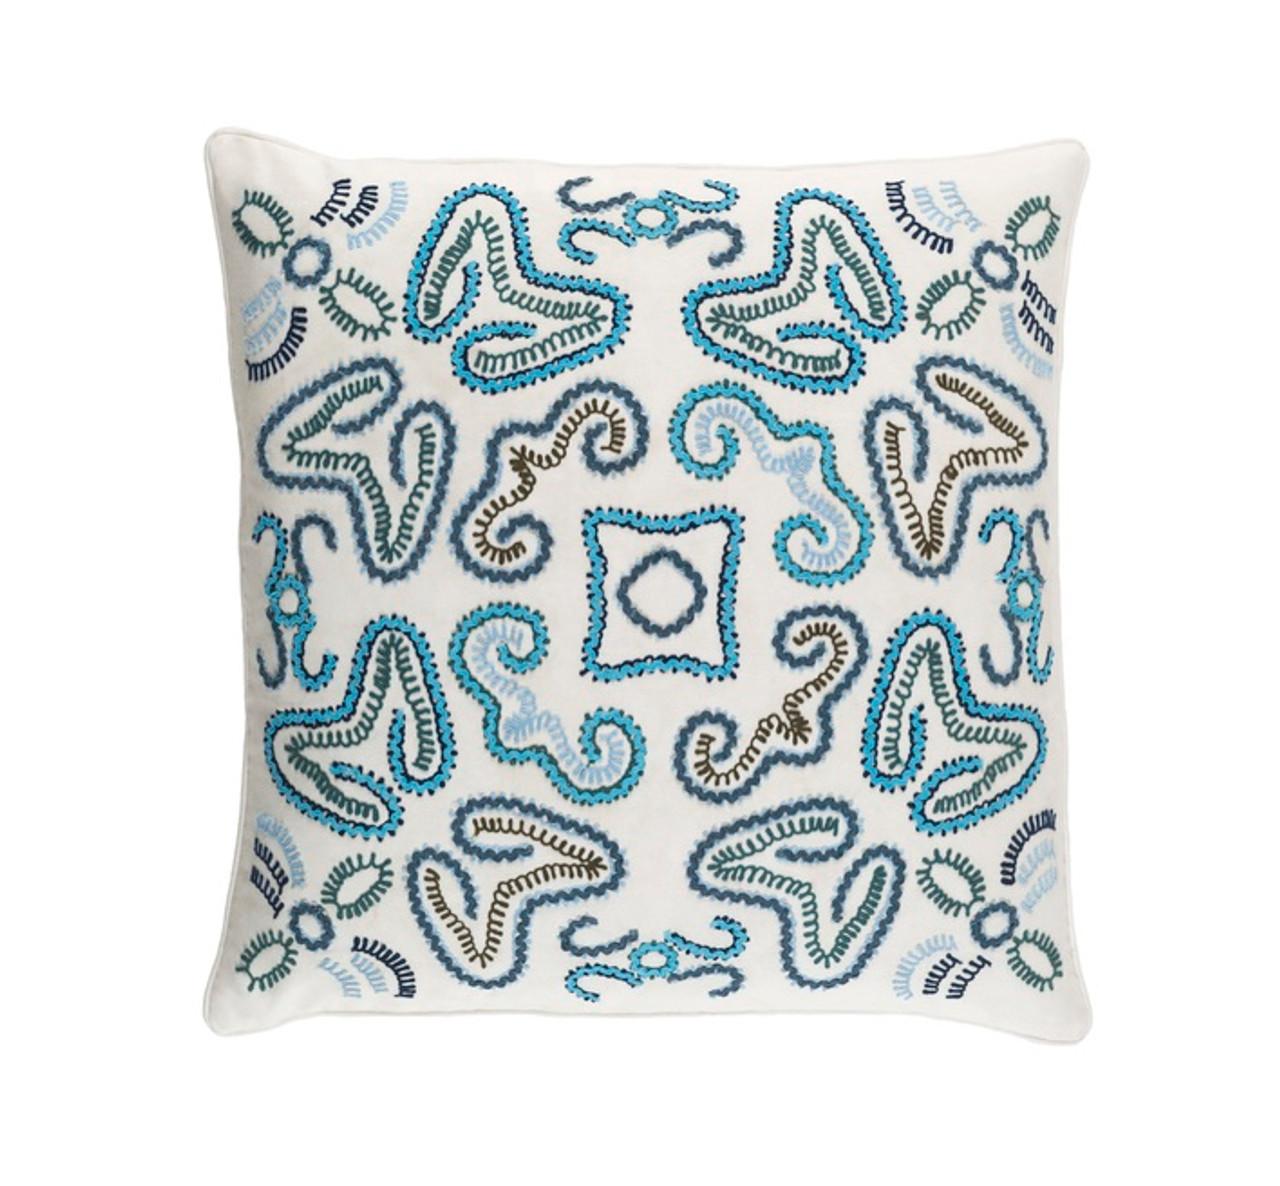 Cerulean Blue Throw Pillows : 22